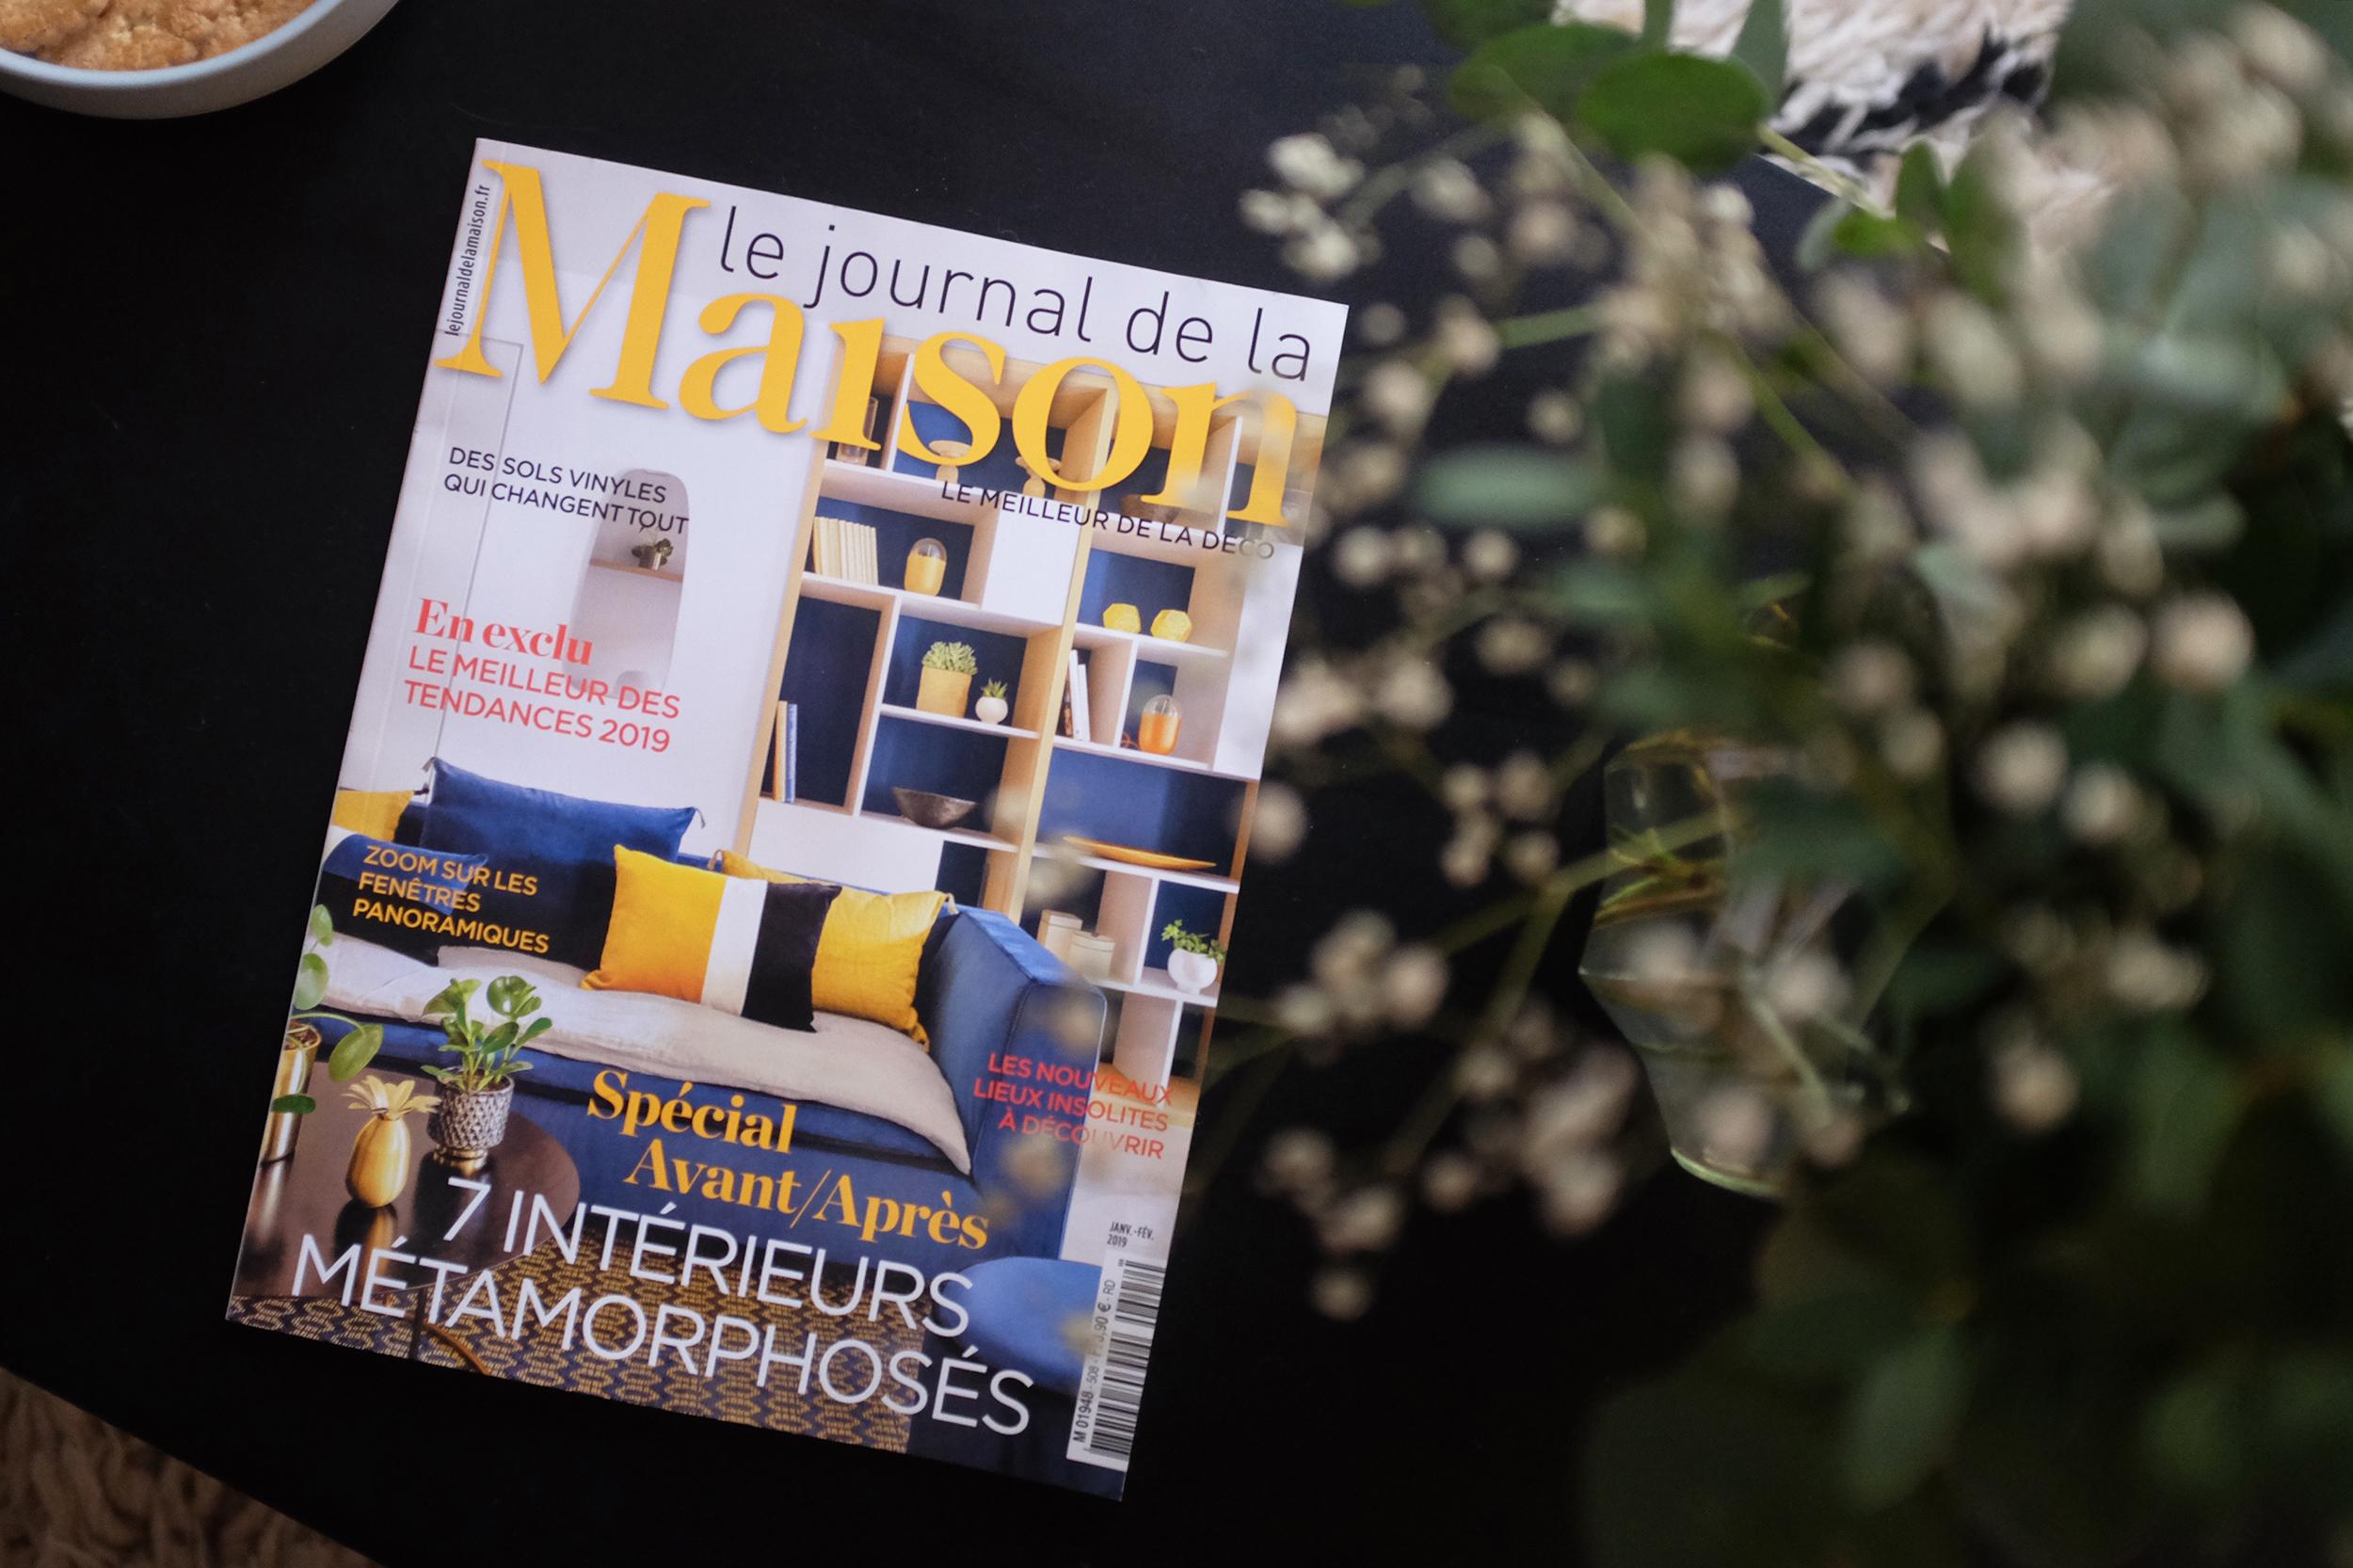 Revue de presse - Architecte d'intérieur Studio Mariekke - Paris